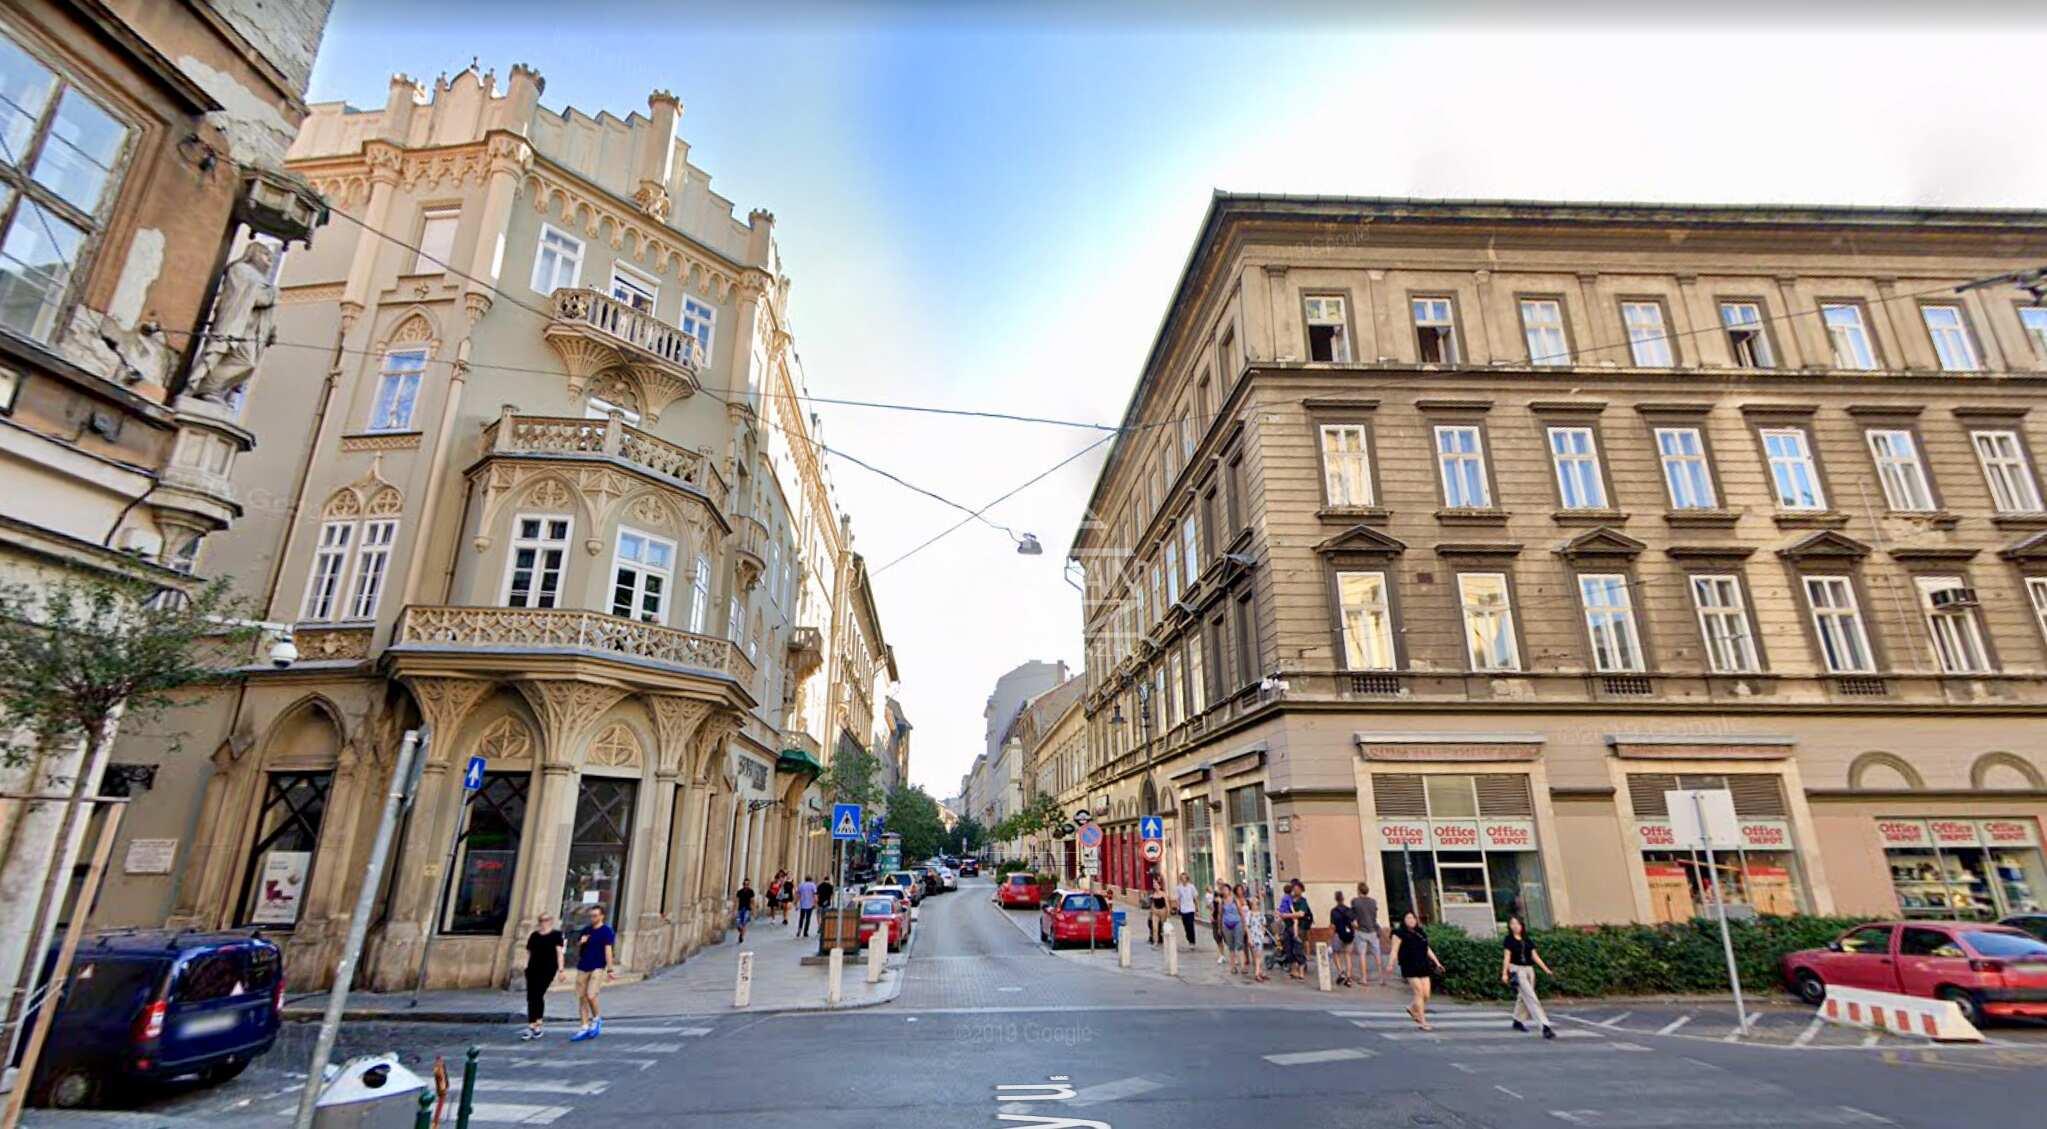 VII.ker. Vigalminegyed, Király utcánál, 20 új lakás/apartman,bútorozva,berendezve, utcai, kiadò